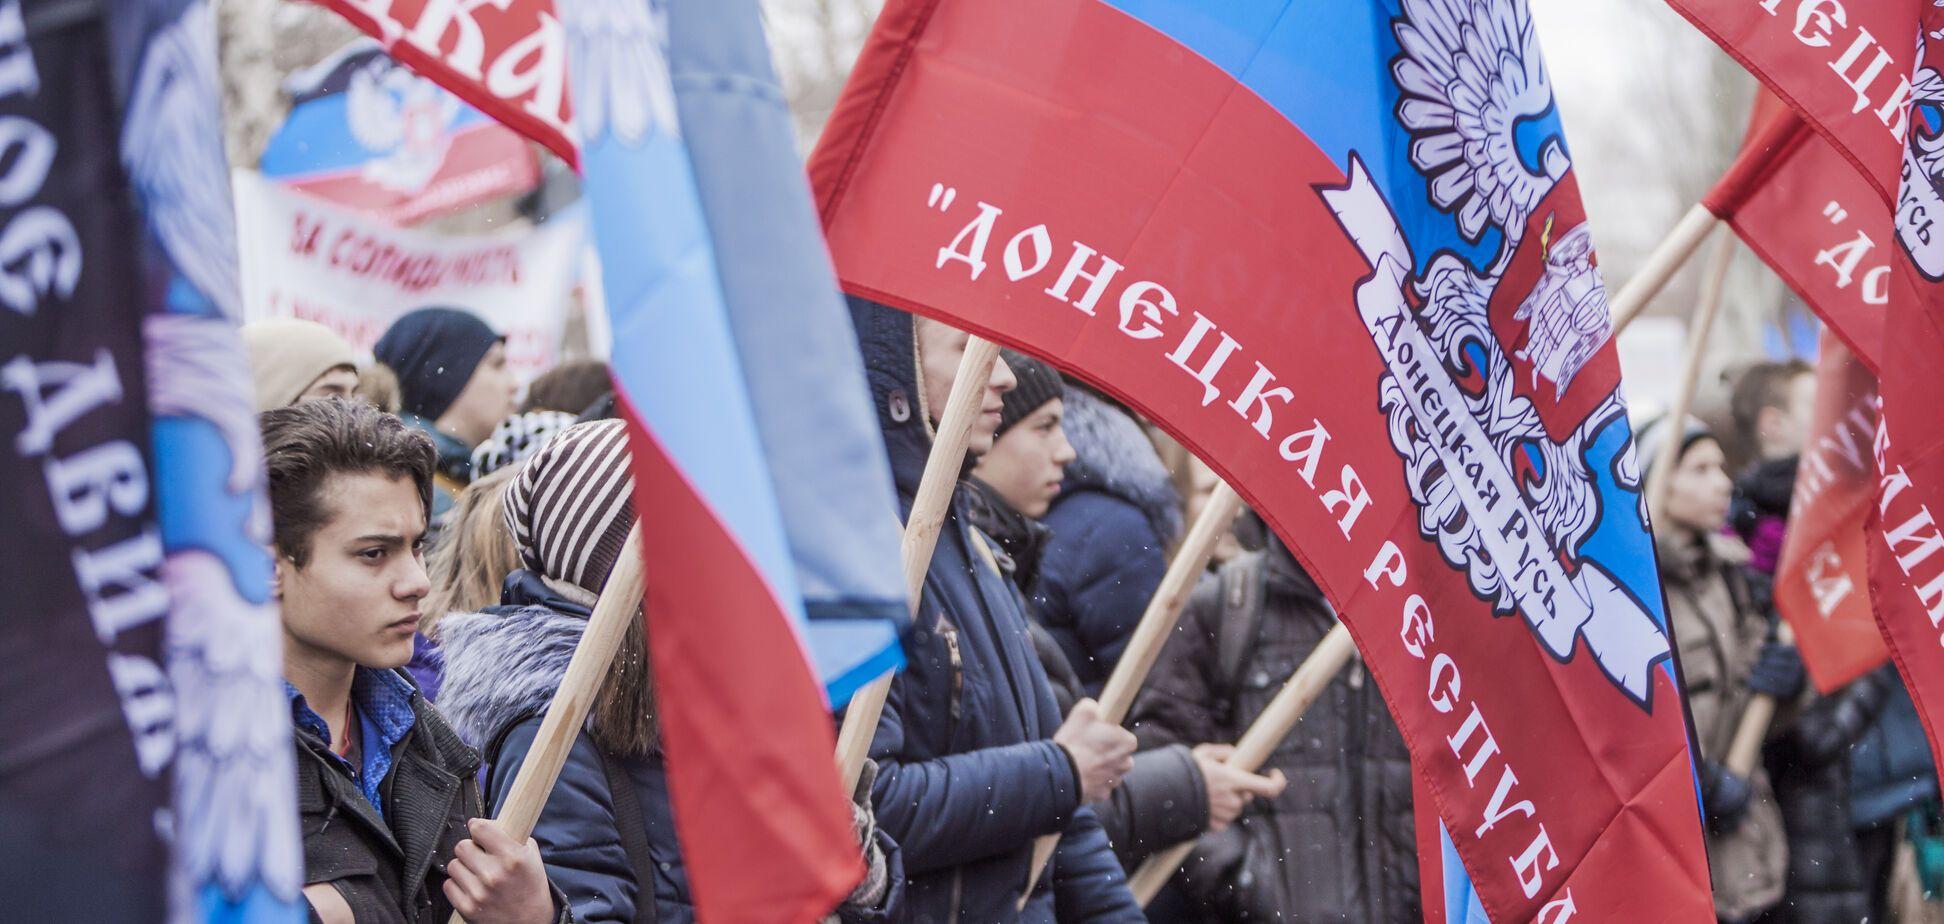 'Потерянное поколение': в сети показали, что пропаганда сделала с детьми Донецка. Видеофакт